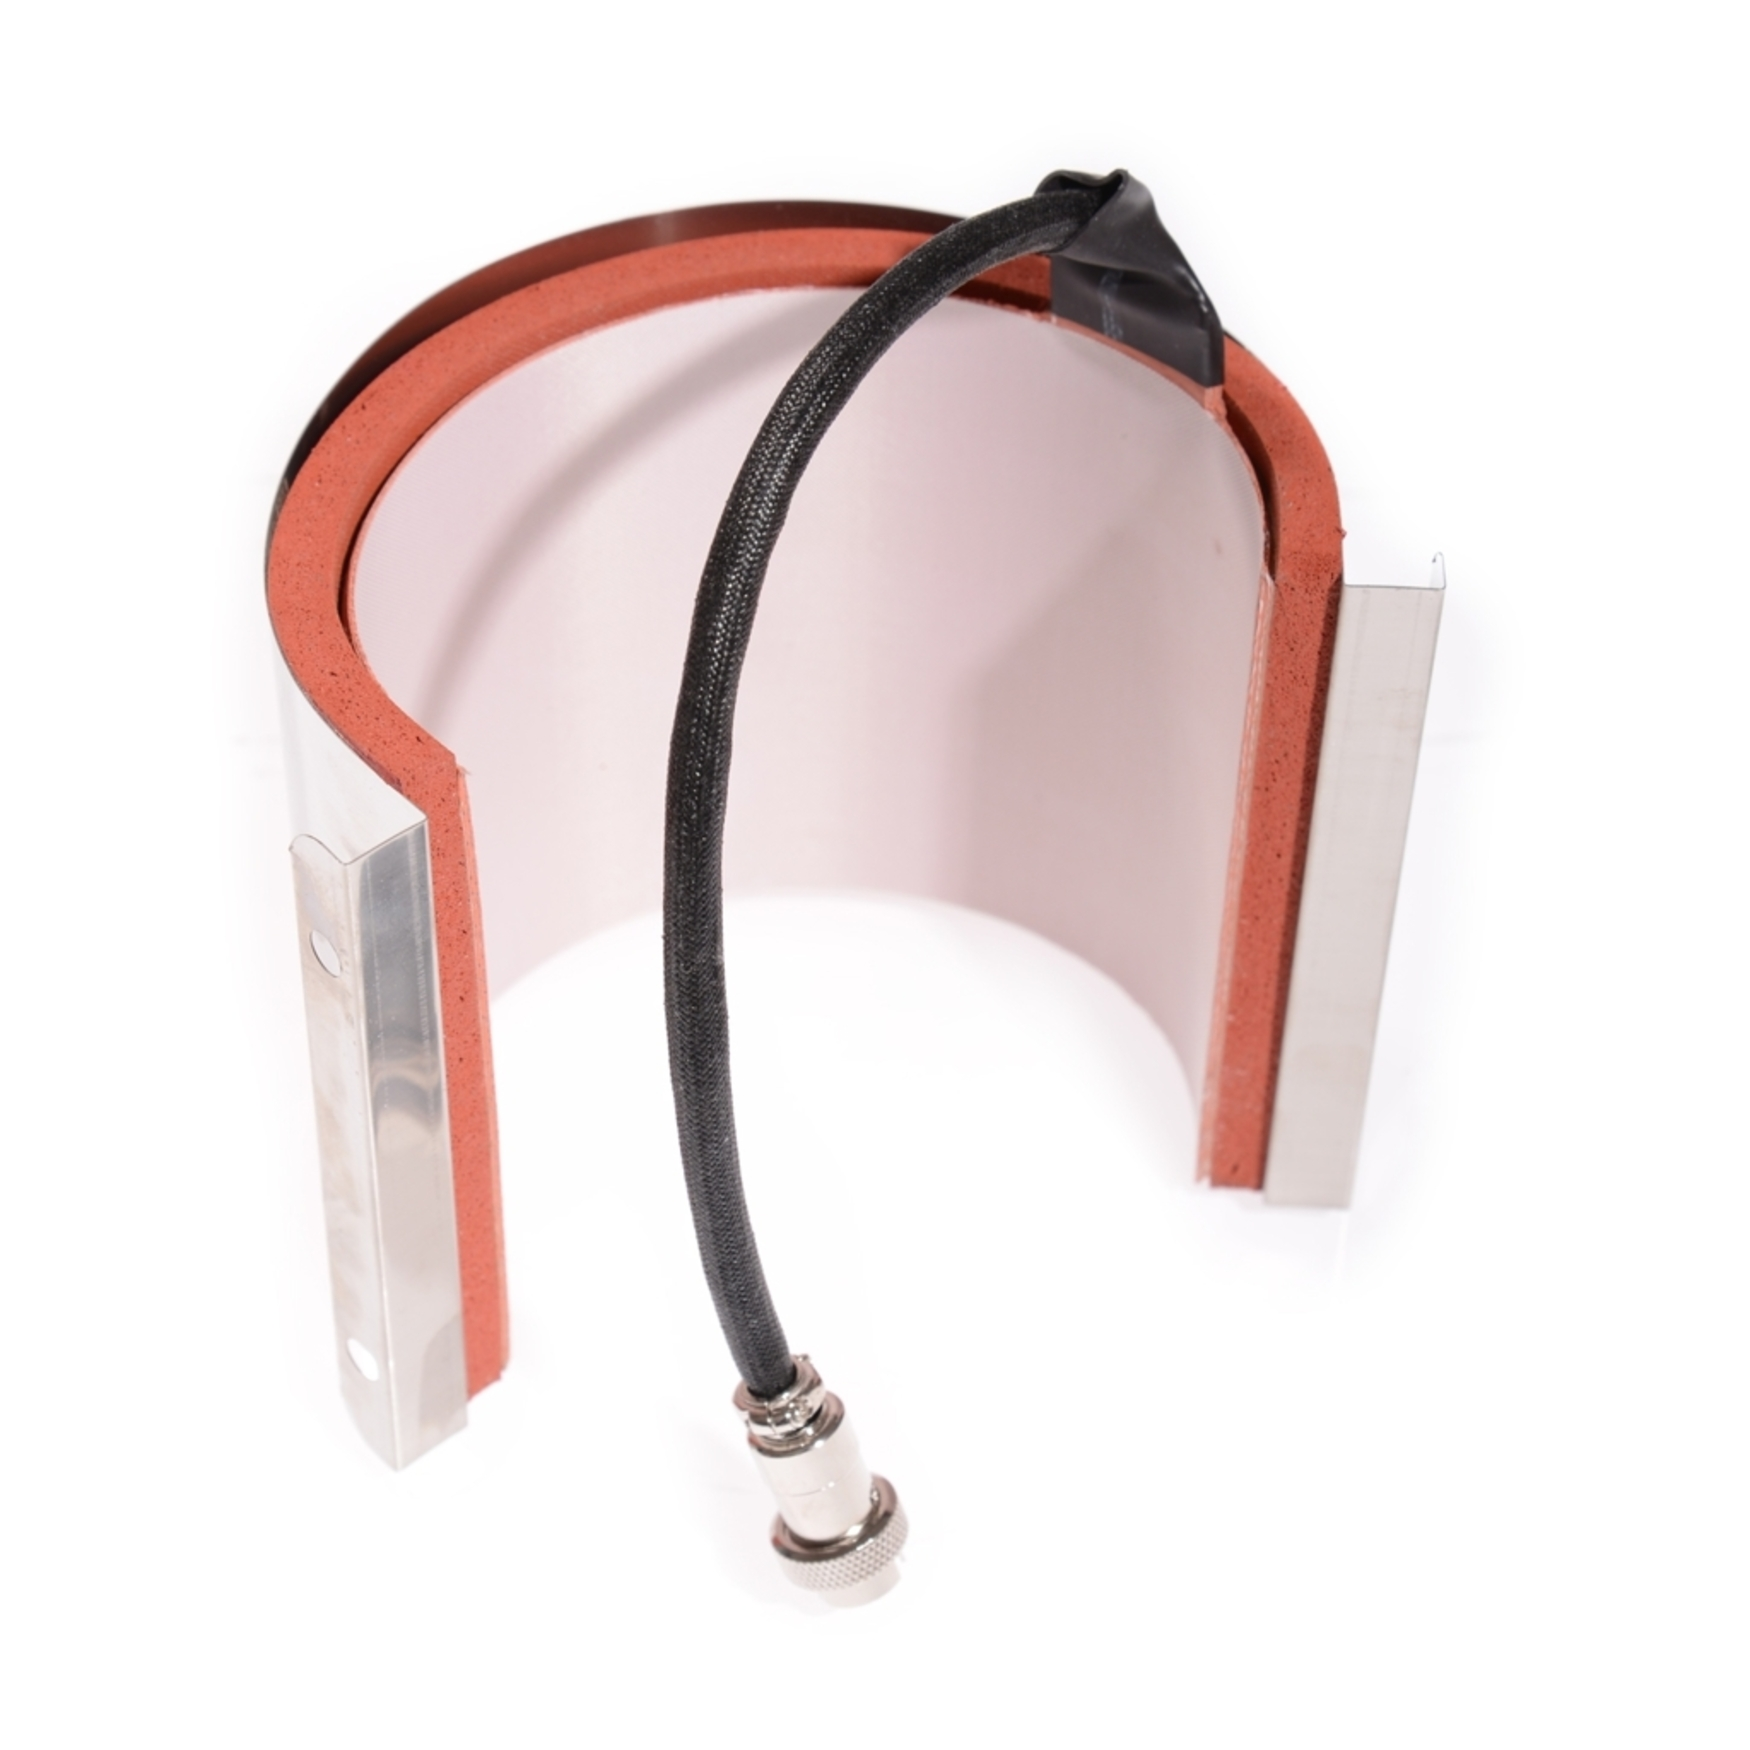 Elemento de calefacción para Secabo TM1 para tazas 75mm-90mm (120mm)